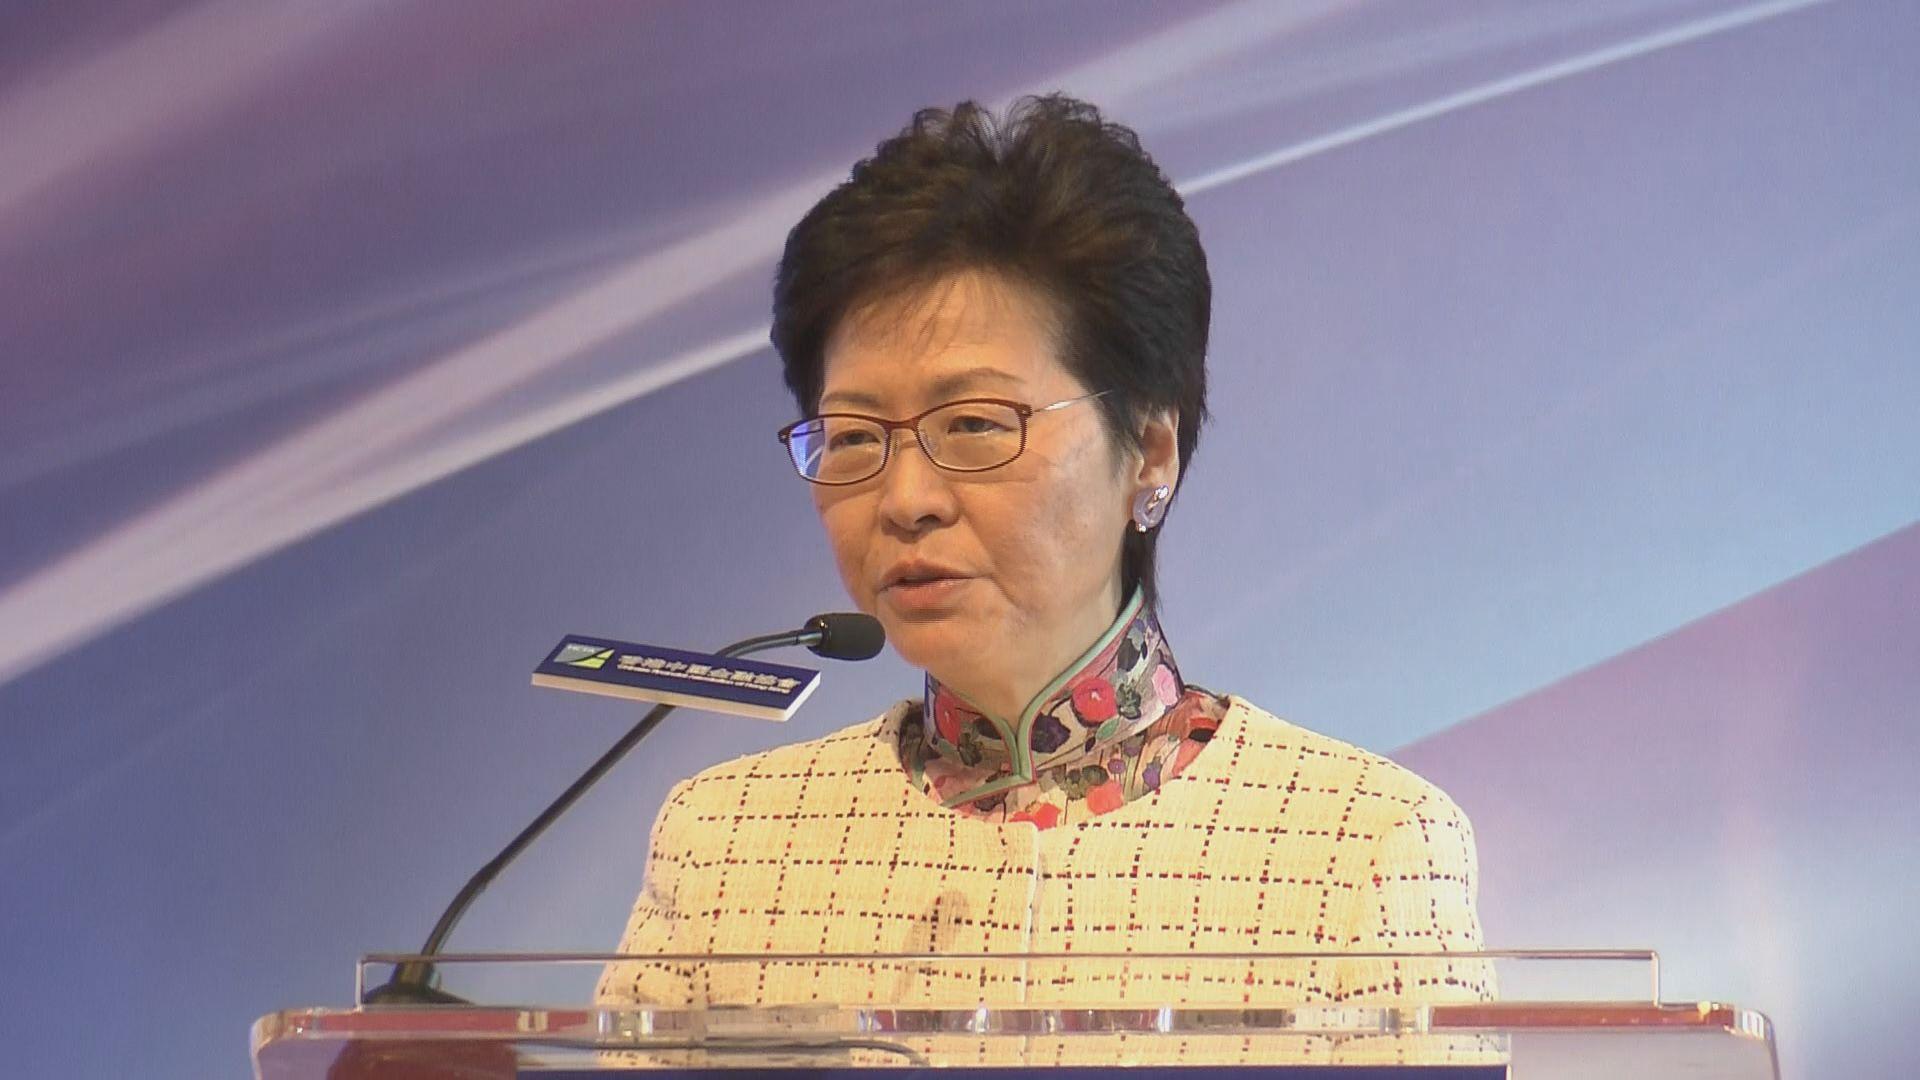 林鄭:積極研究香港電子錢包在大灣區內使用